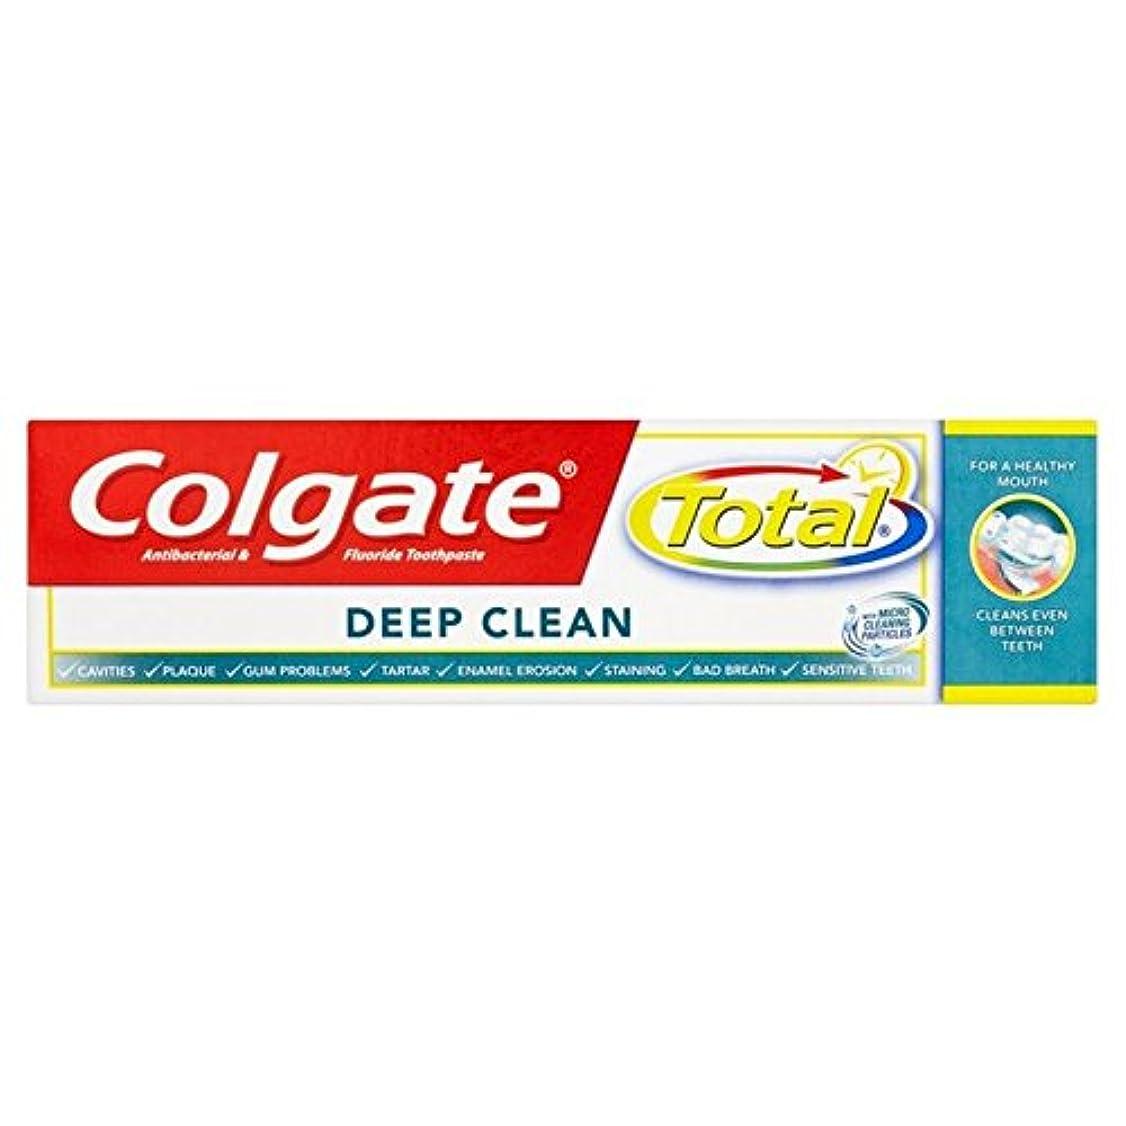 札入れ説得力のある葡萄Colgate Total Deep Clean Toothpaste 75ml (Pack of 6) - コルゲートトータル深いクリーン歯磨き粉75ミリリットル x6 [並行輸入品]